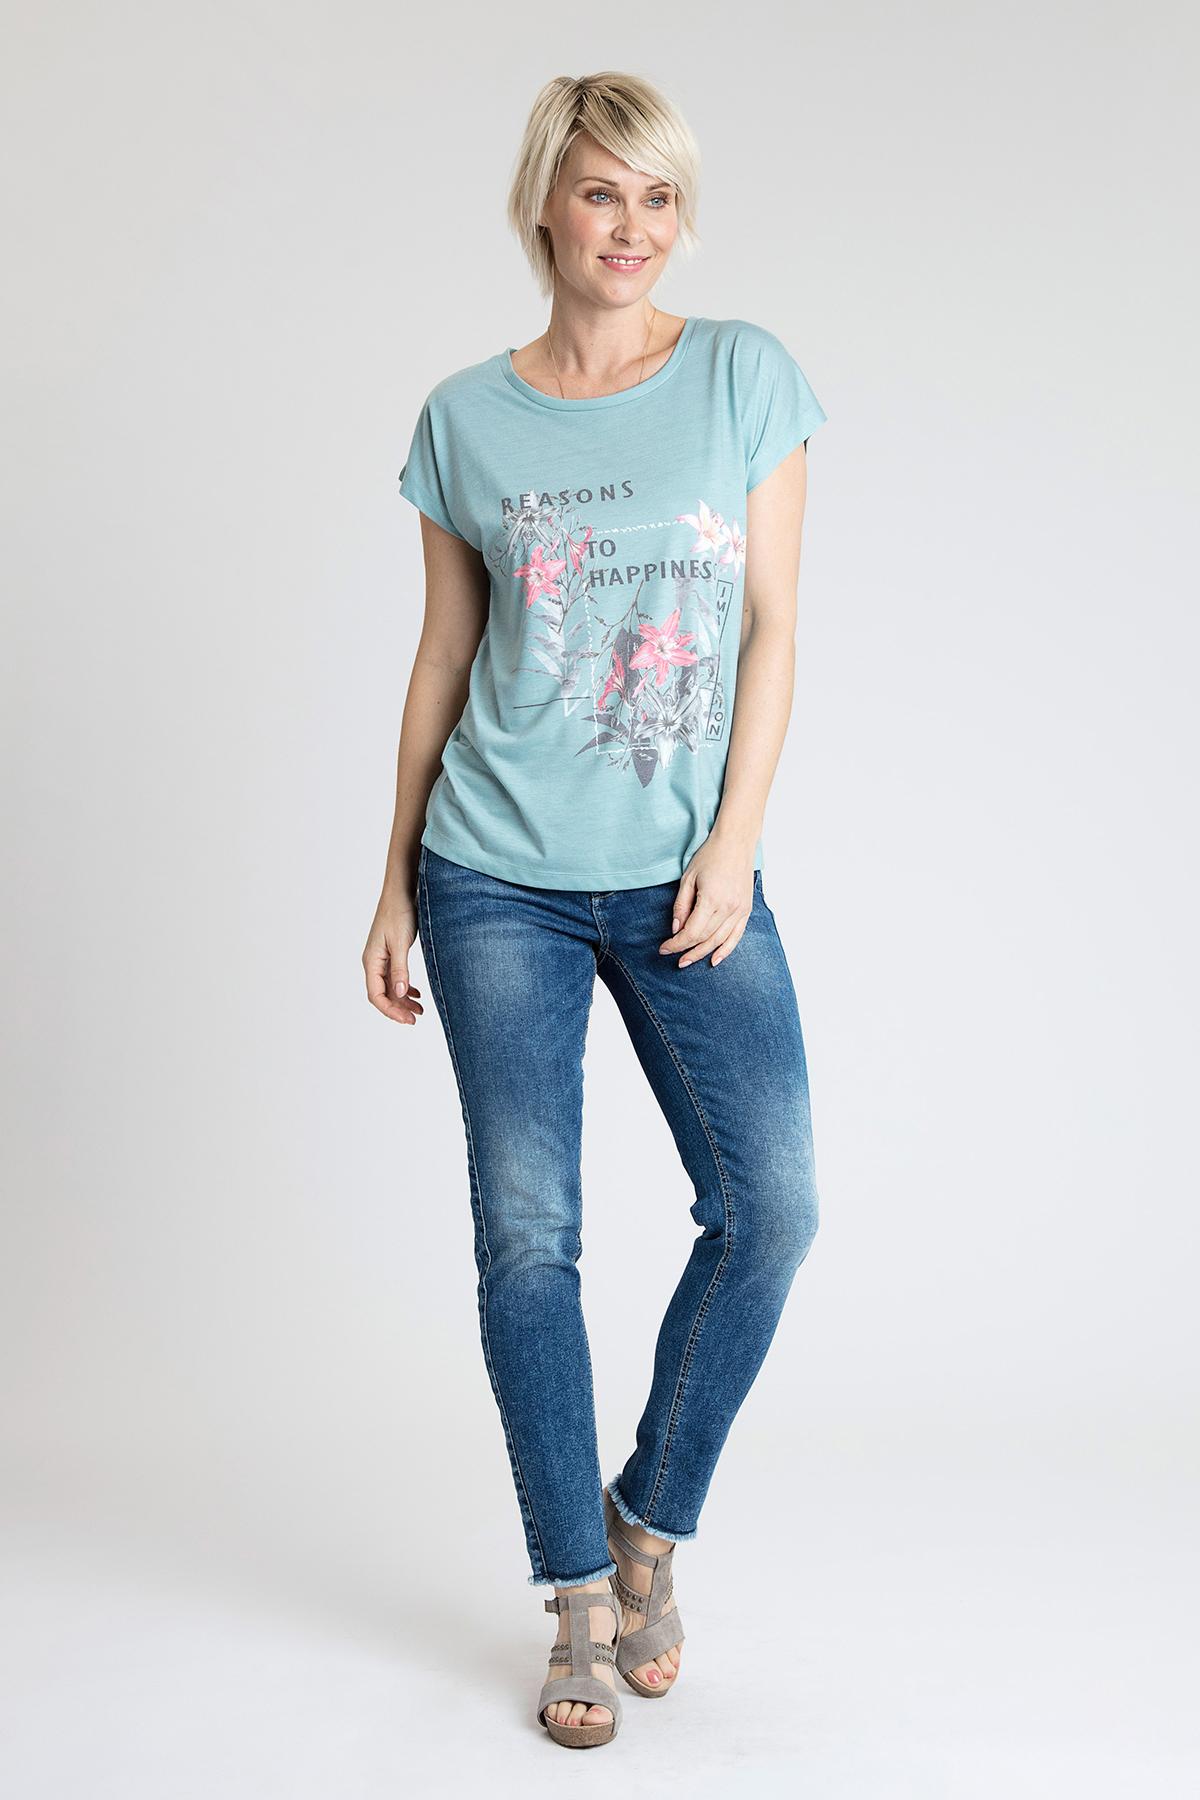 Turkis Kortærmet T-shirt fra Bon'A Parte – Køb Turkis Kortærmet T-shirt fra str. S-2XL her